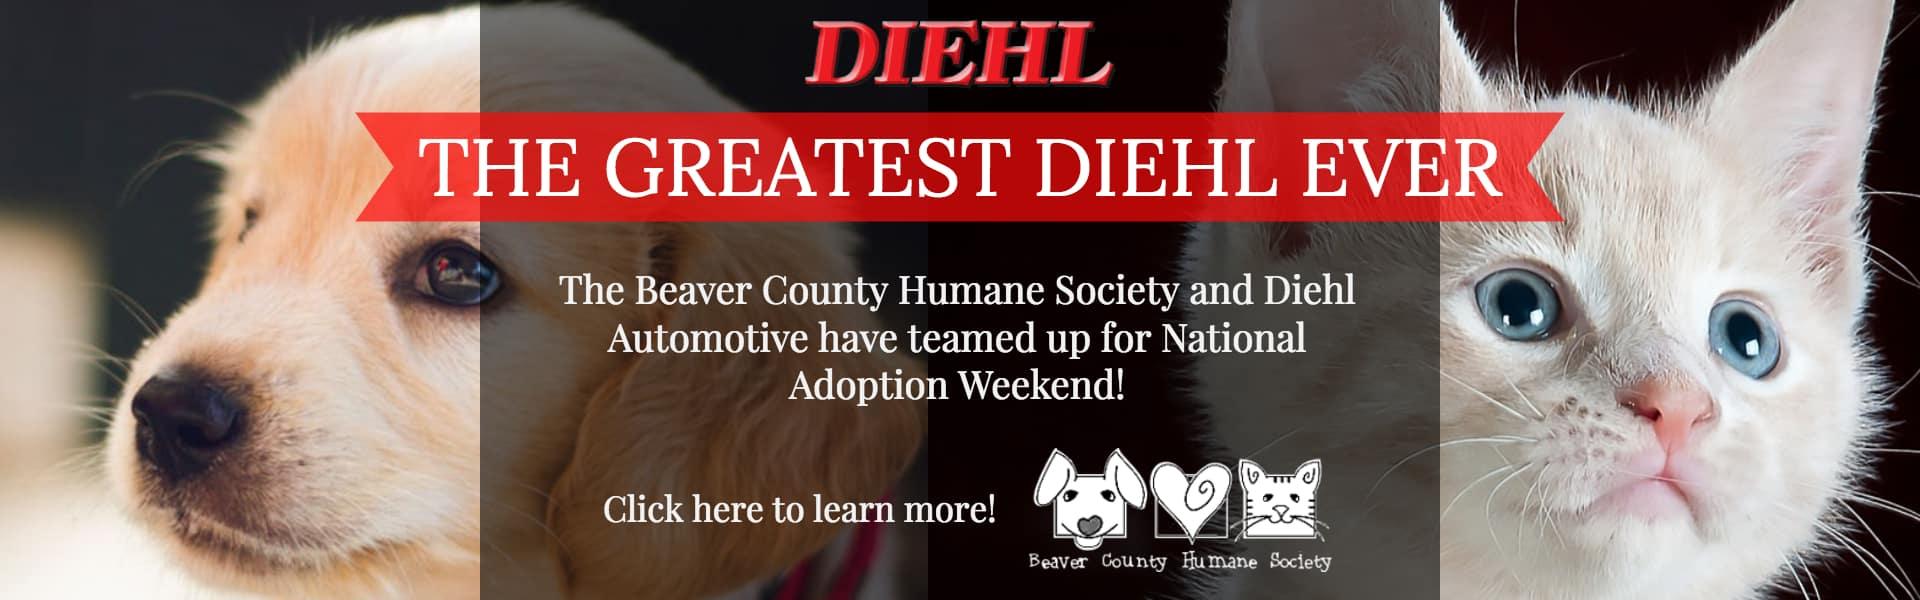 Diehl Volkswagen Greatest Diehl Ever beaver county humane society national adoption weekend petsmart